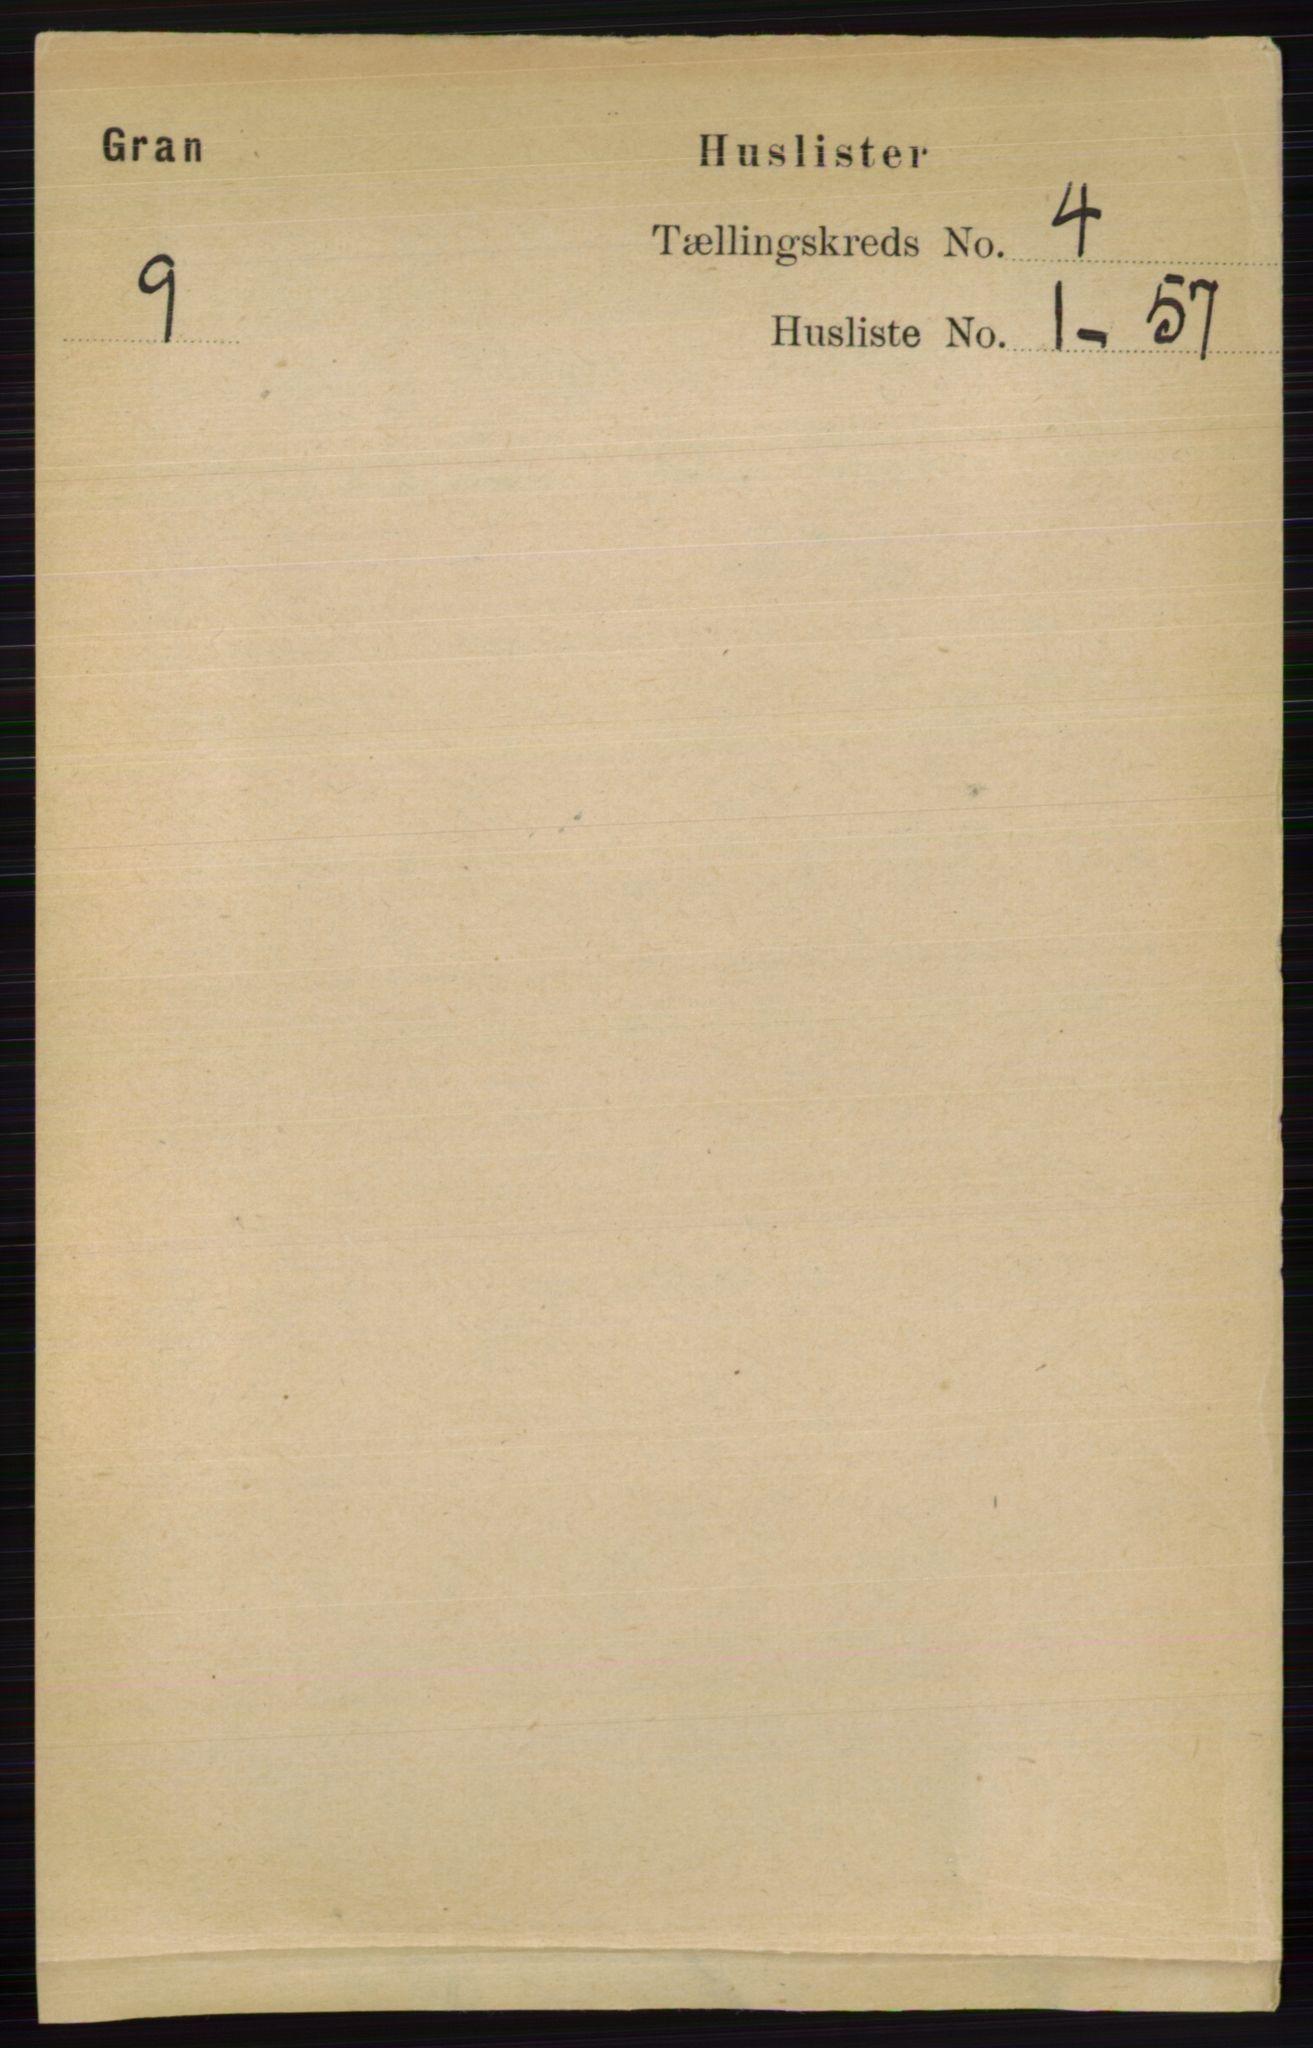 RA, Folketelling 1891 for 0534 Gran herred, 1891, s. 1091